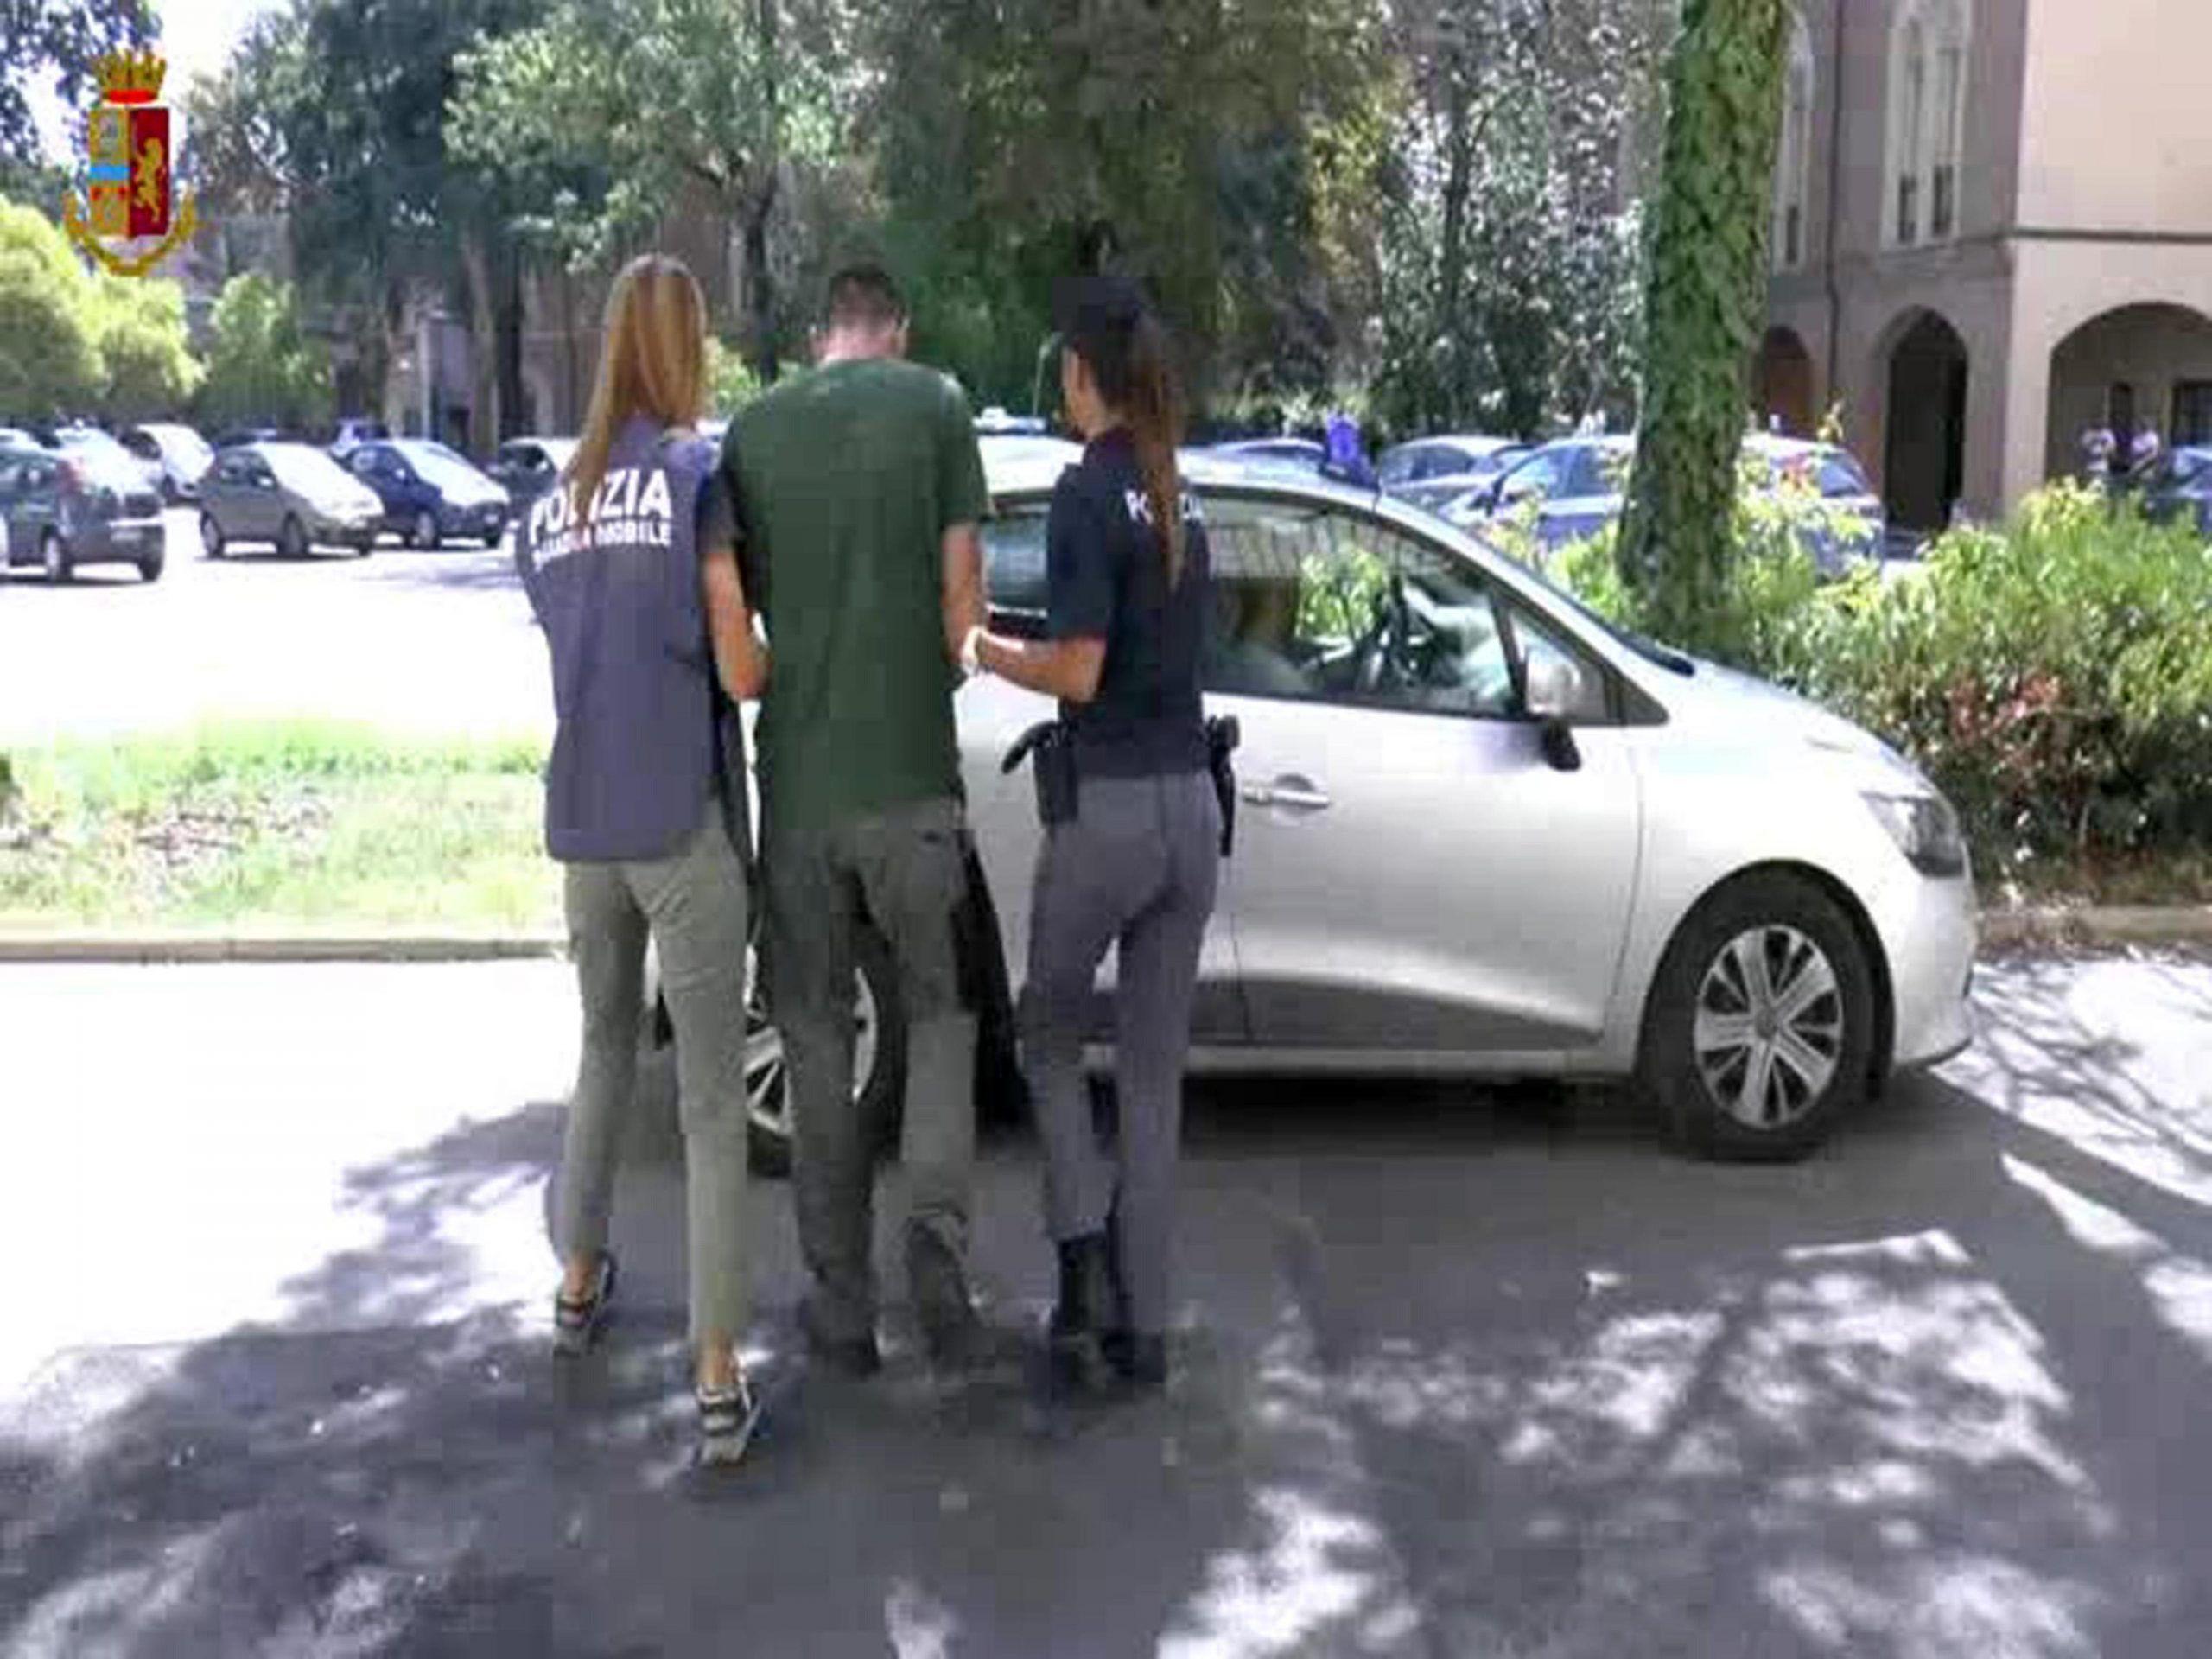 Ragazza violentata a Reggio, accertamenti su arrestato